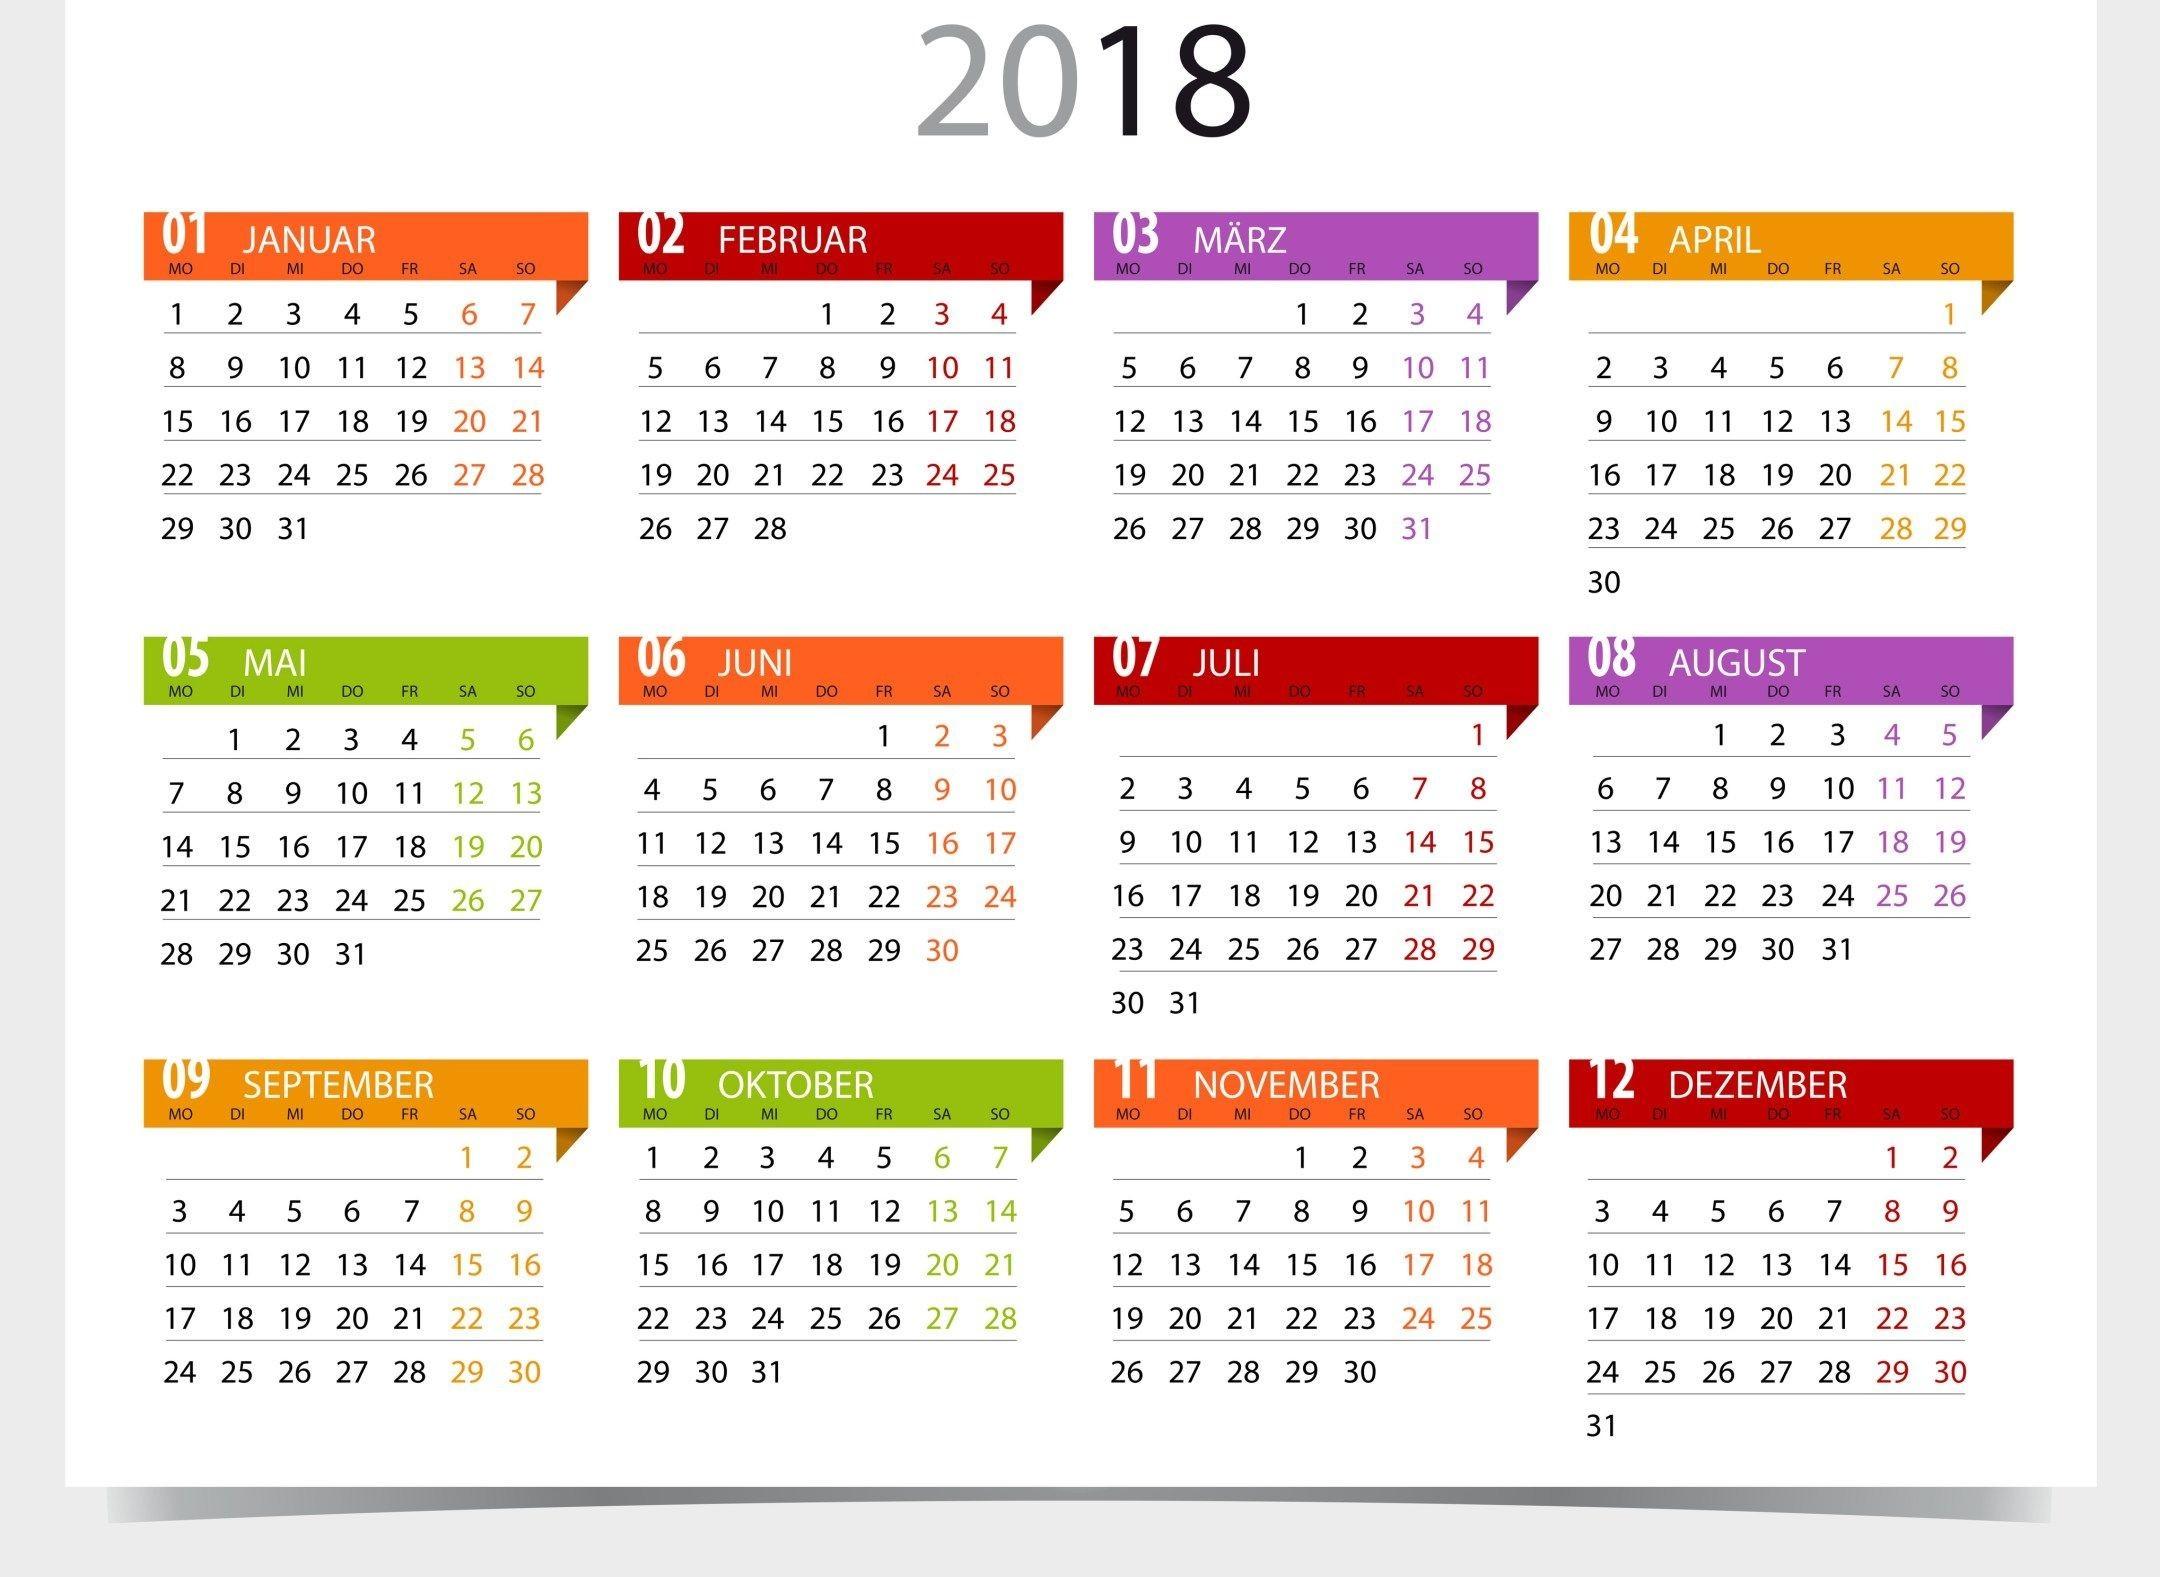 Calendario Luna Nueva Febrero 2018 Más Actual Es Calendarios Para Imprimir 2017 Noviembre Of Calendario Luna Nueva Febrero 2018 Mejores Y Más Novedosos Es Calendarios Para Imprimir 2017 Noviembre